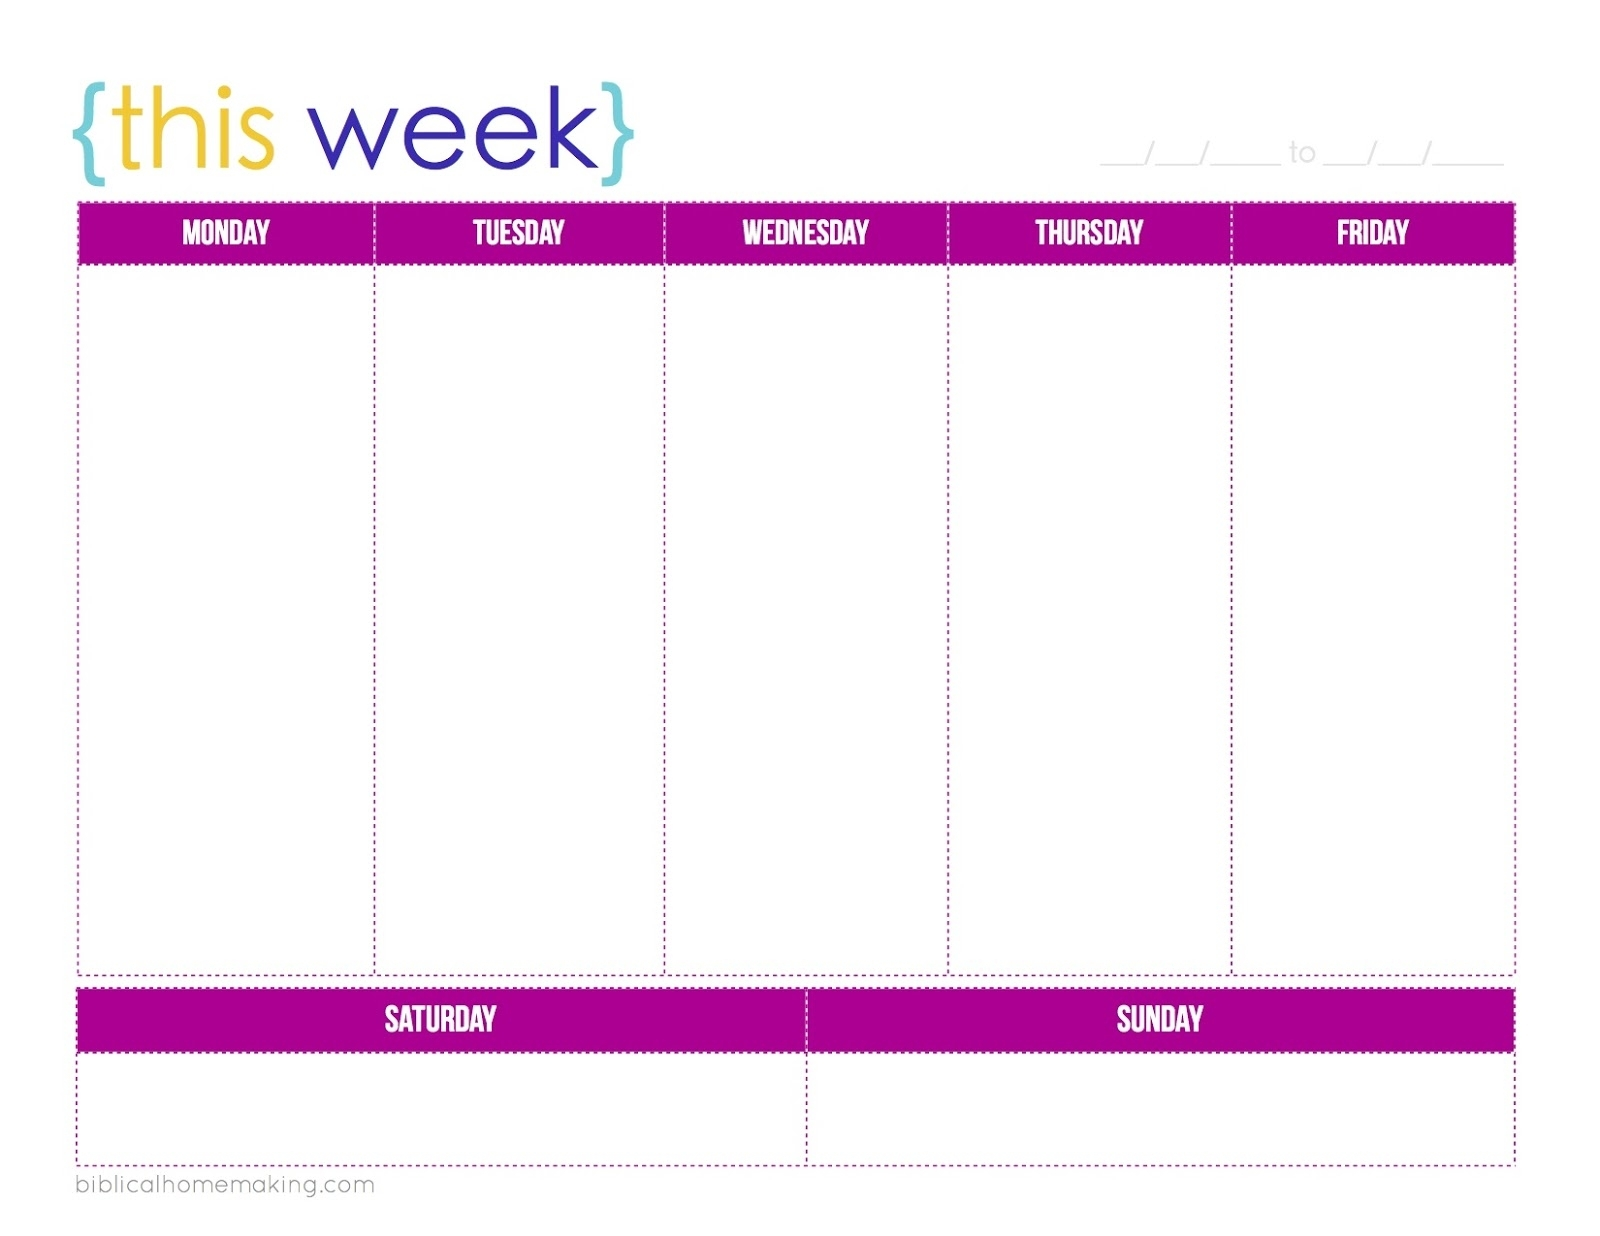 One Week Calendar Printable Schedule Ate Blank | Smorad intended for Week By Week Calendar Printable